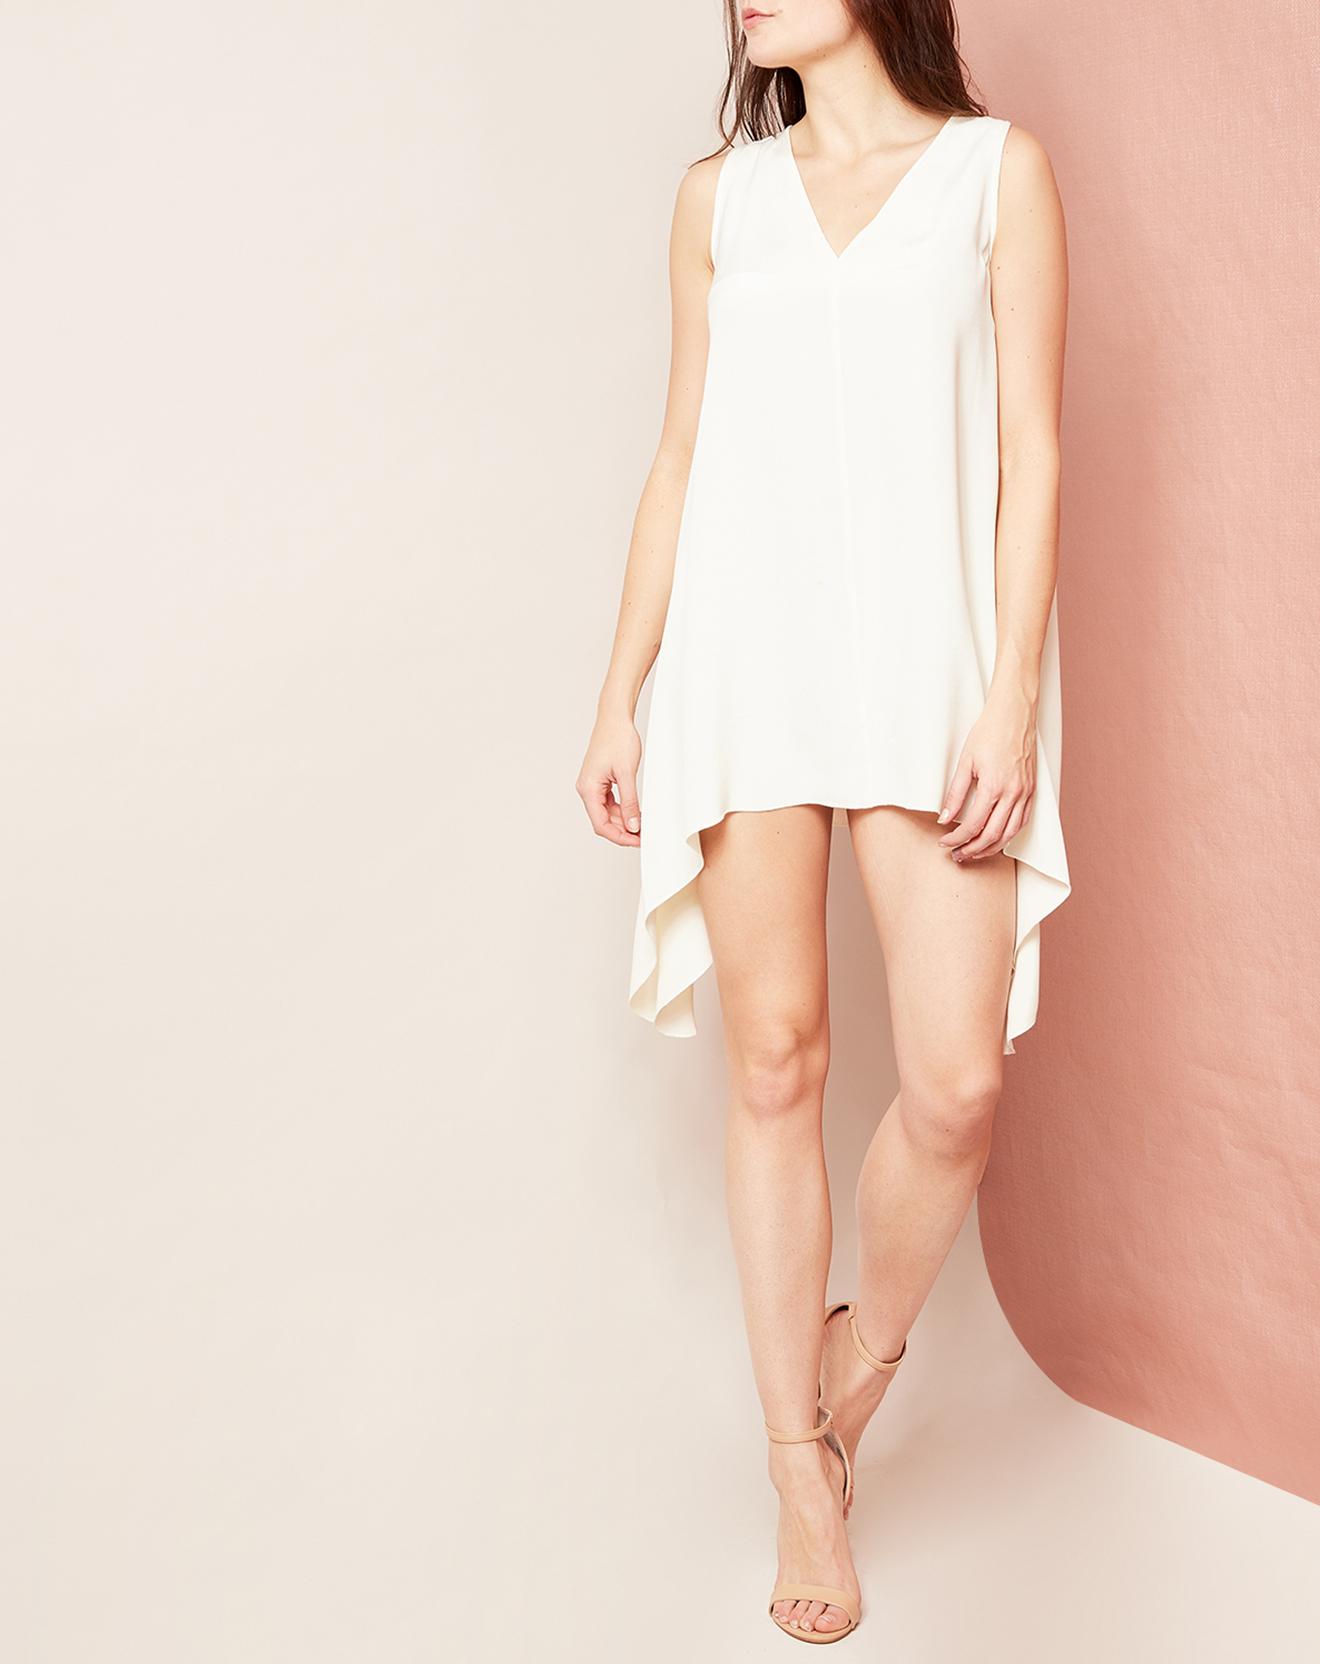 Tunique/Robe sans manches 100% Soie crème - Hotel Particulier - Modalova